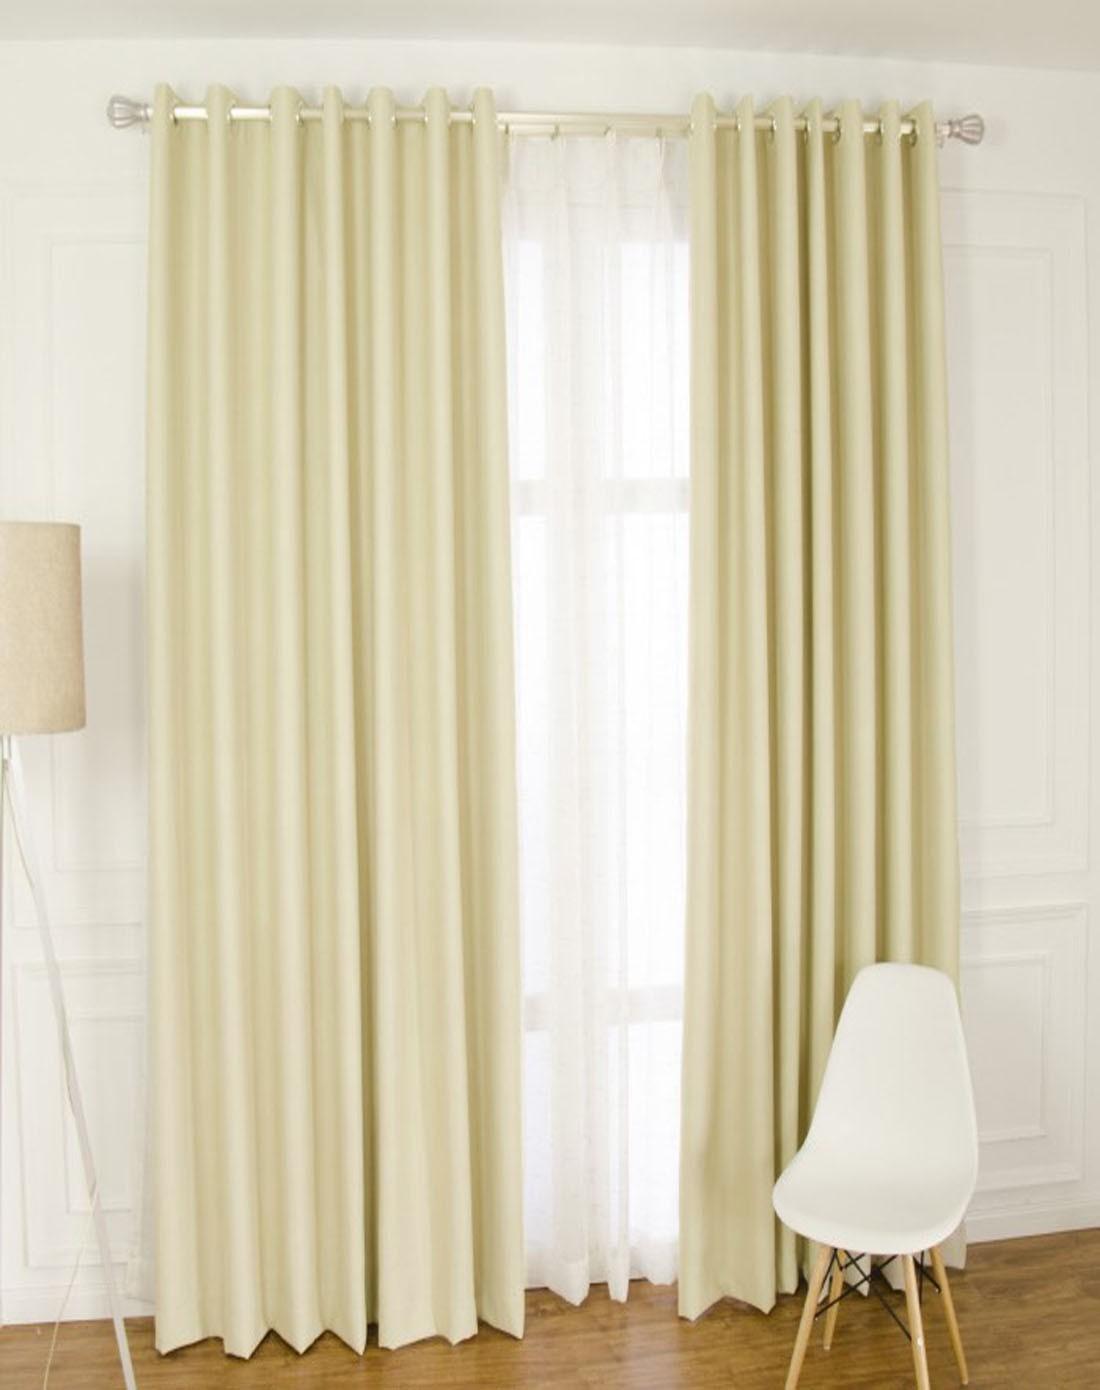 澳美斯rmis布艺米黄色仿真丝客厅全遮光布艺窗帘